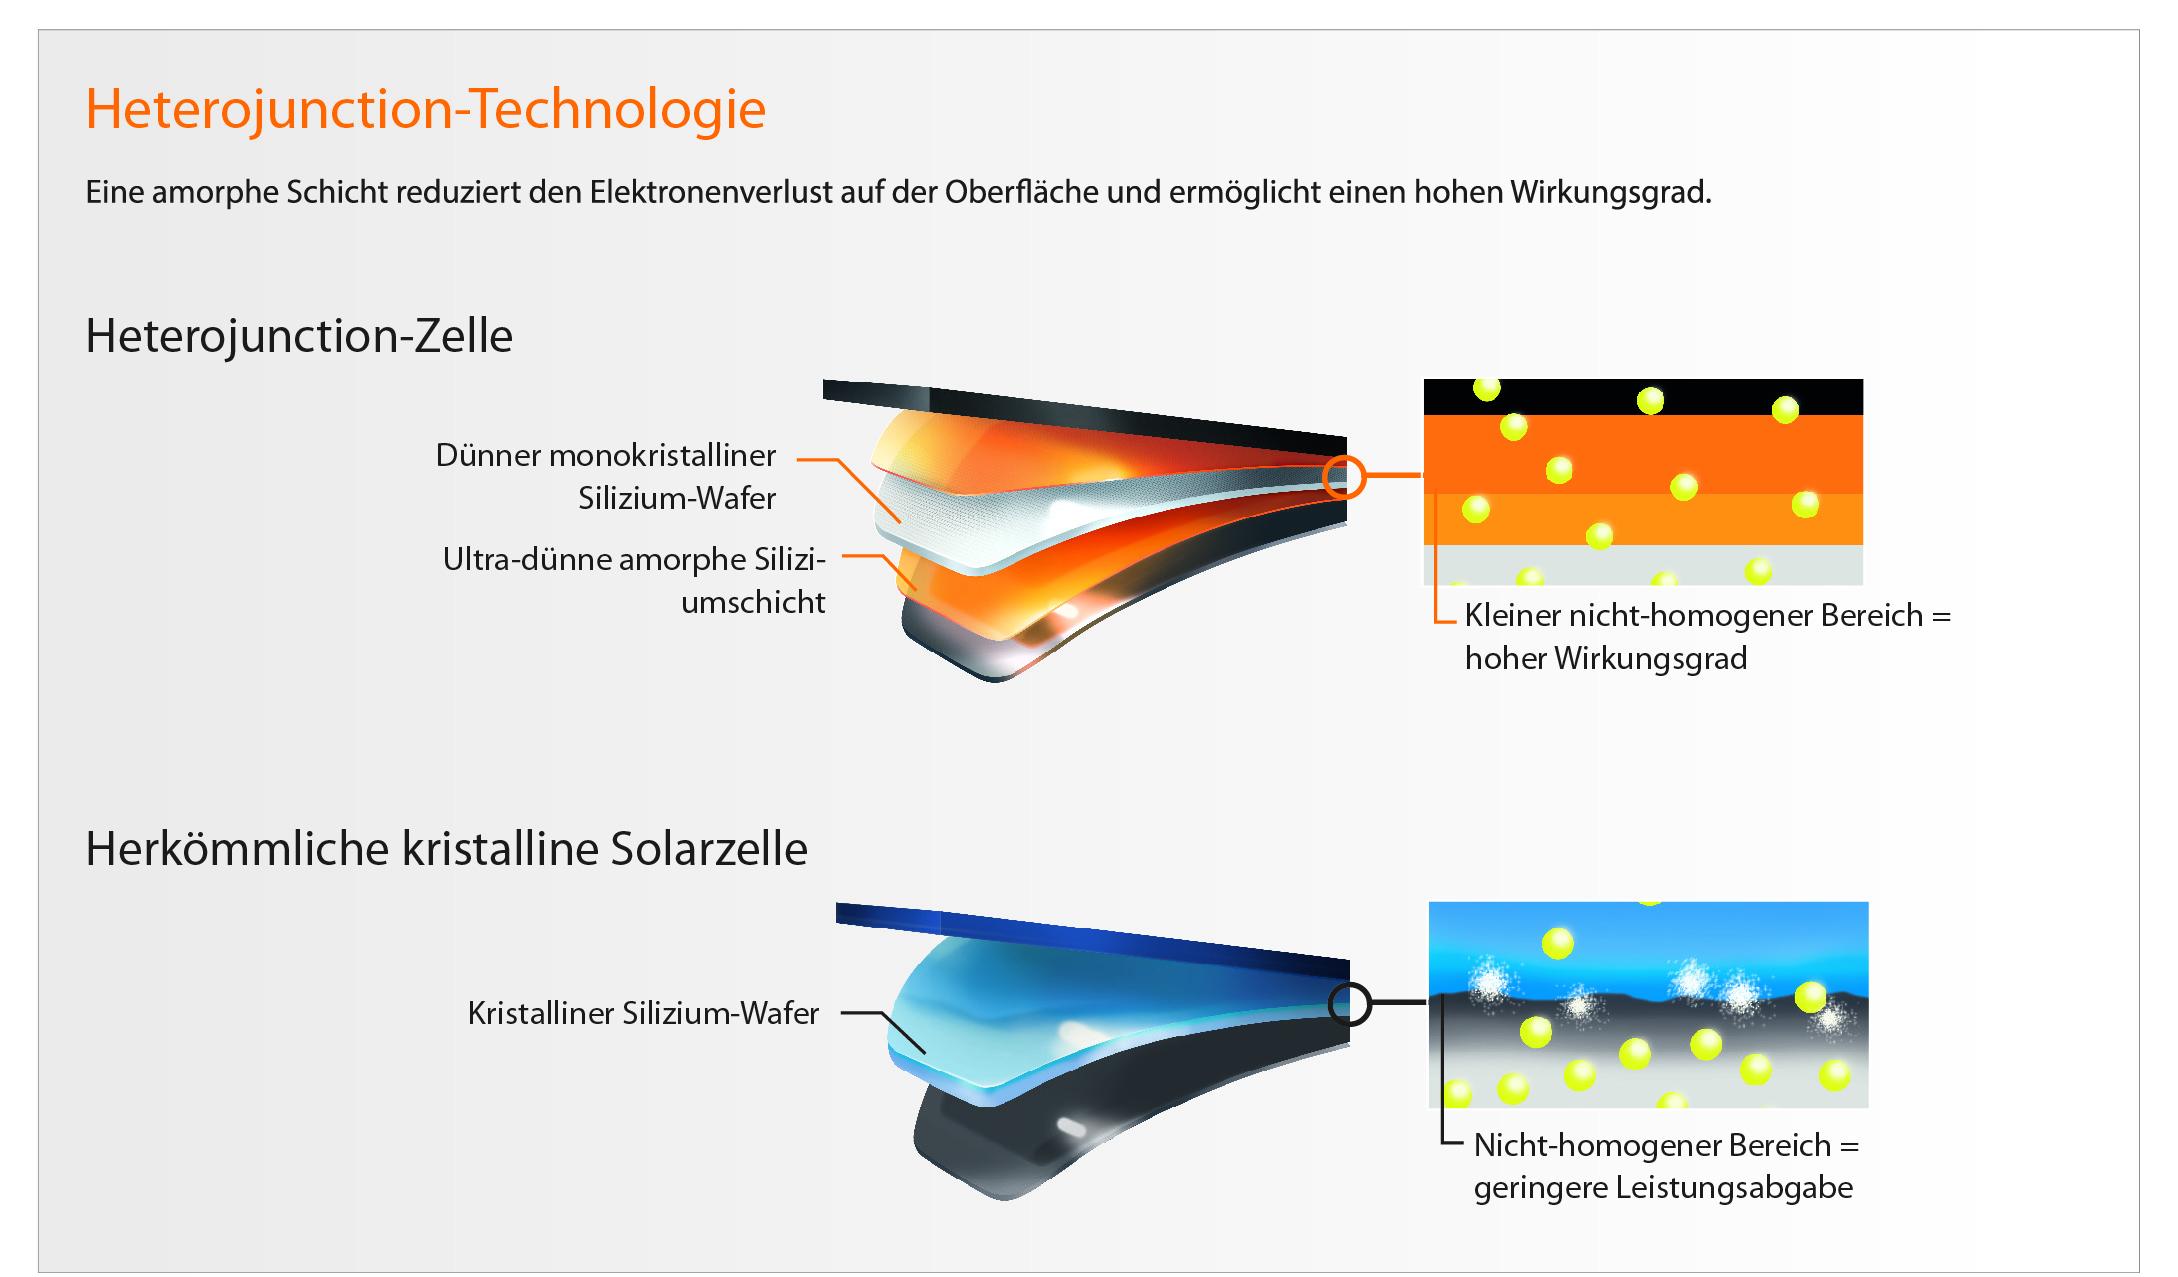 Panasonic Zelle mit HIT Technologie - Hetero Junction